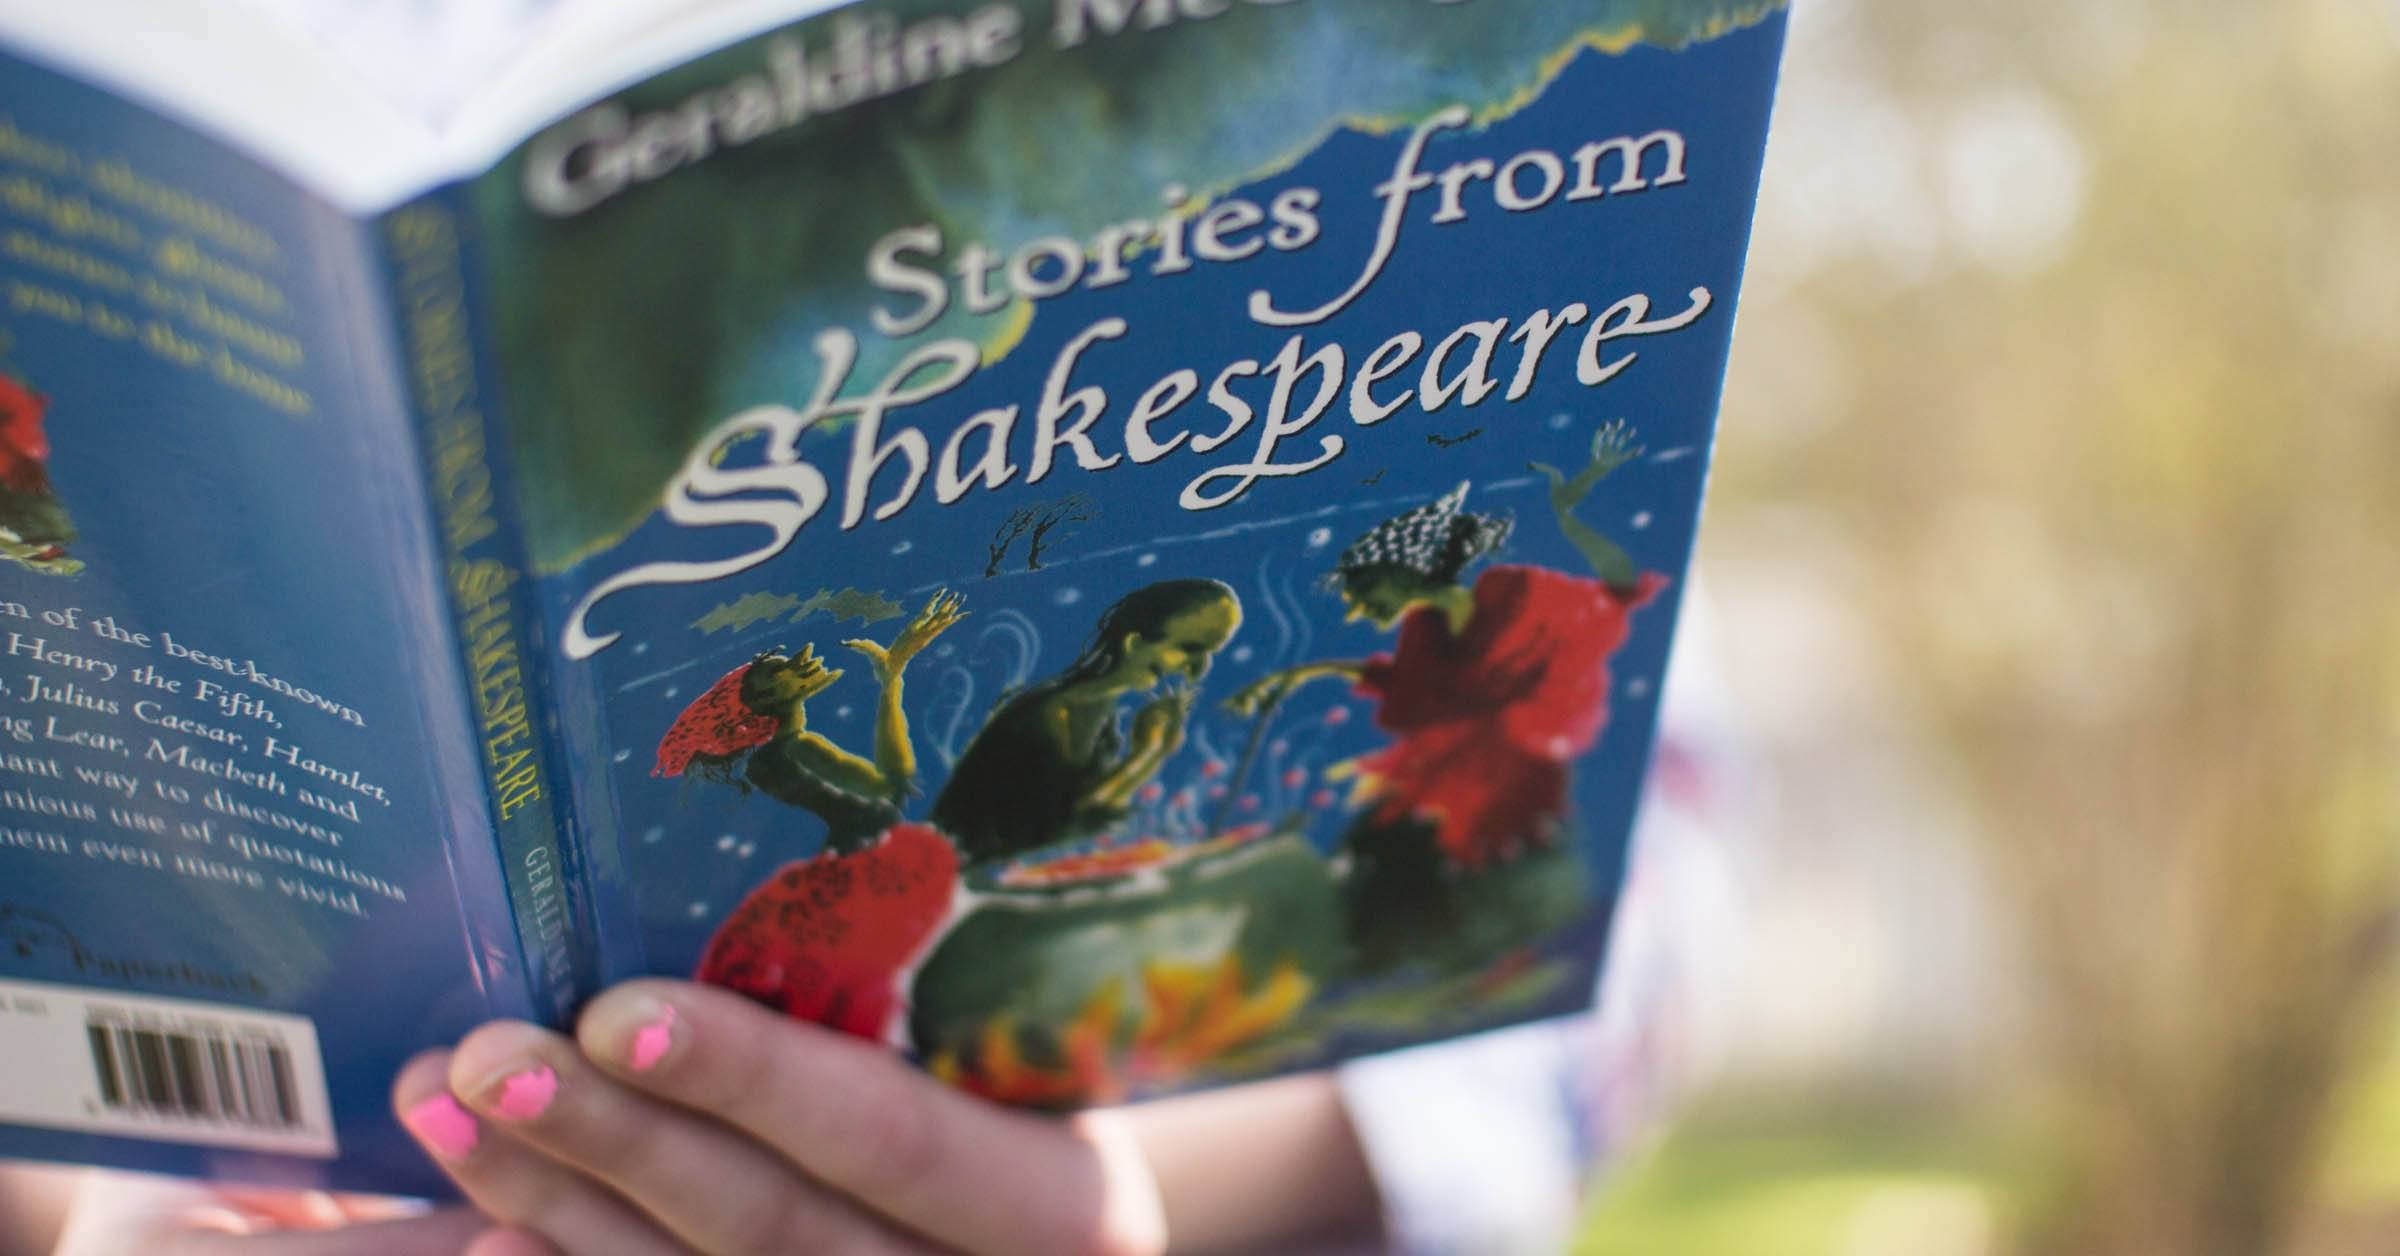 Read Aloud Revival Teach Your Children Shakespeare Read Aloud Revival Read Aloud Teaching Shakespeare